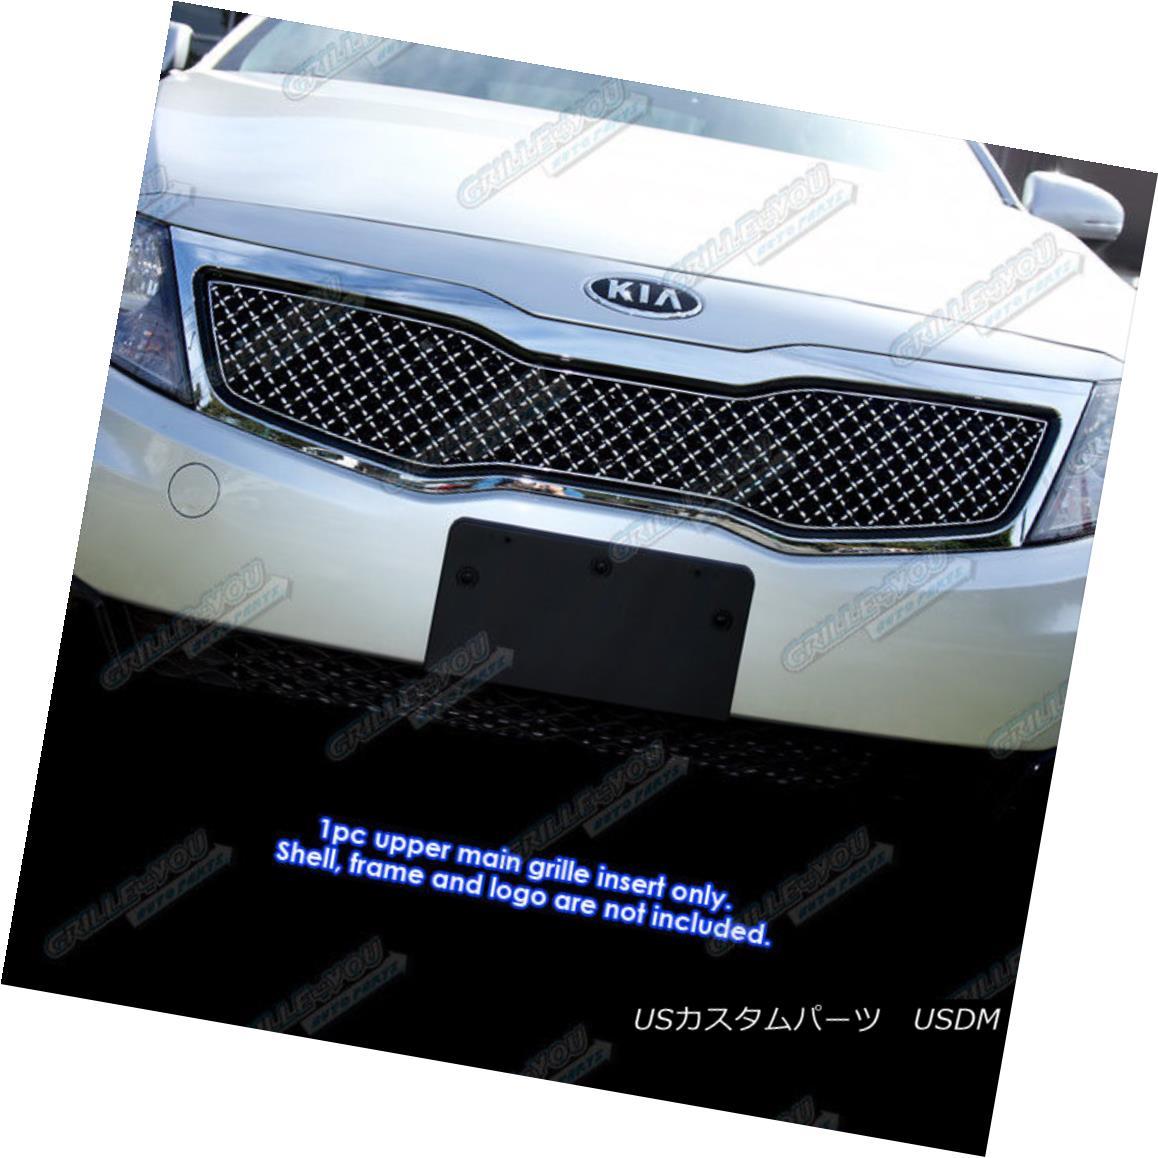 グリル For 2011-2013 Kia Optima LX/EX Stainless Steel X Mesh Blitz Grille Grill 2011-2013 Kia Optima LX / EXステンレススチール×メッシュブリッツグリルグリル